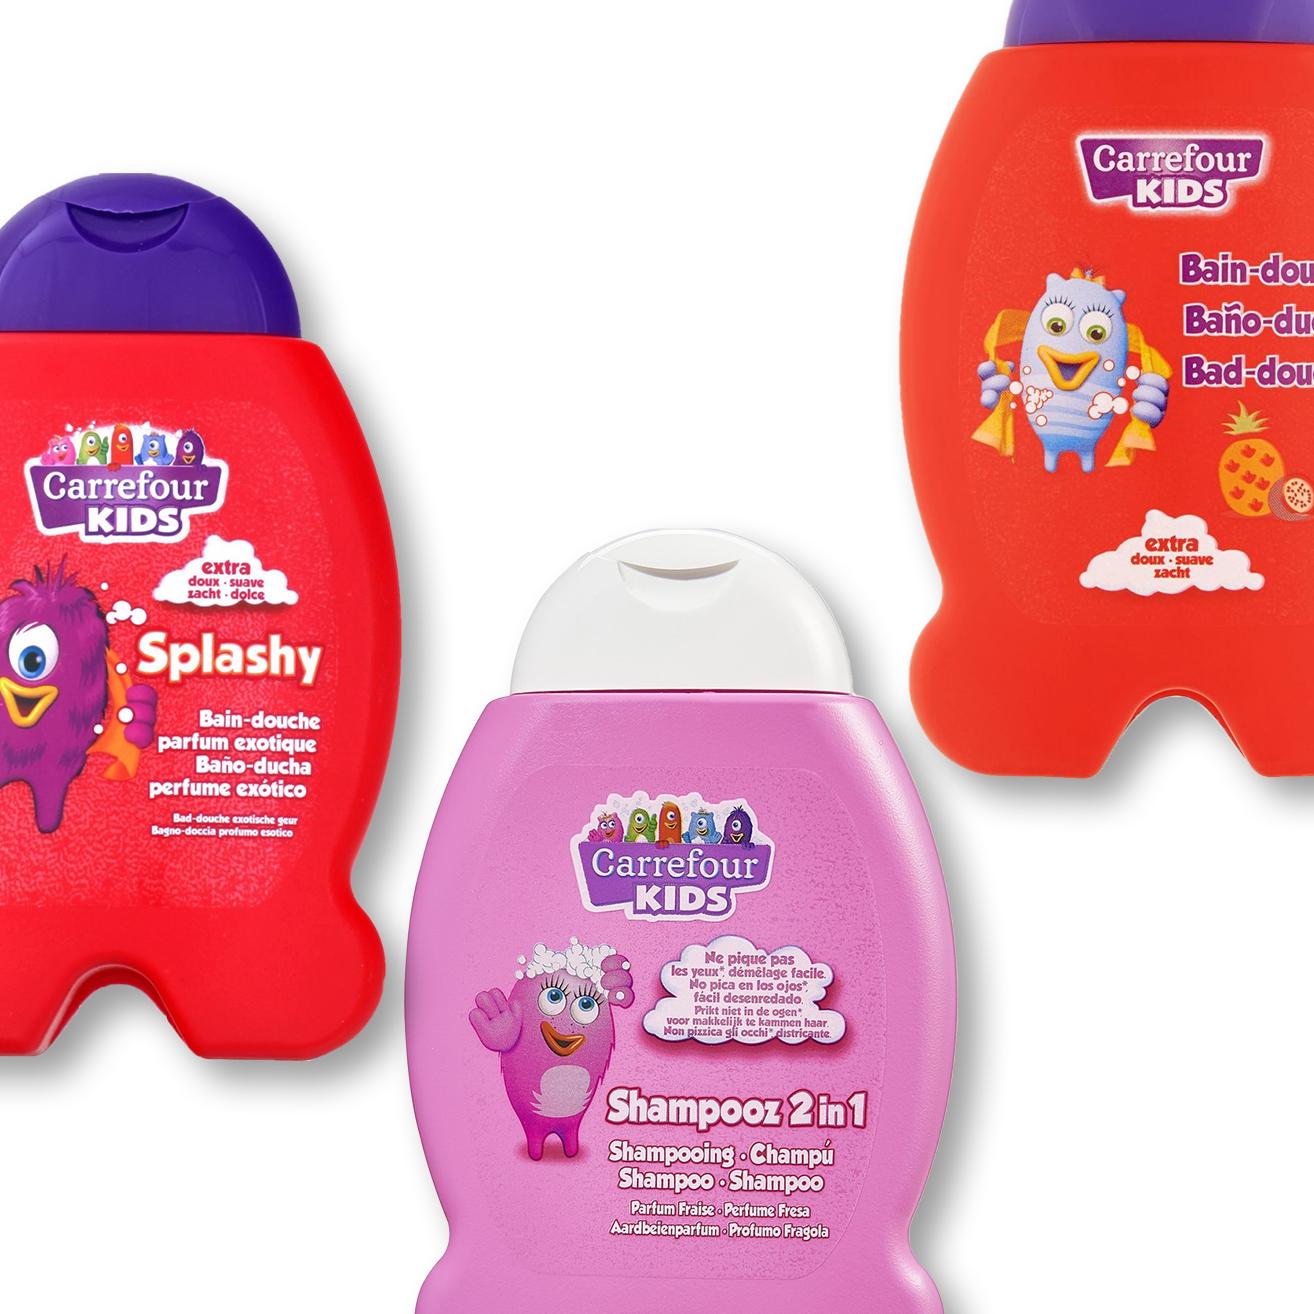 Image de produits Carrefour kids